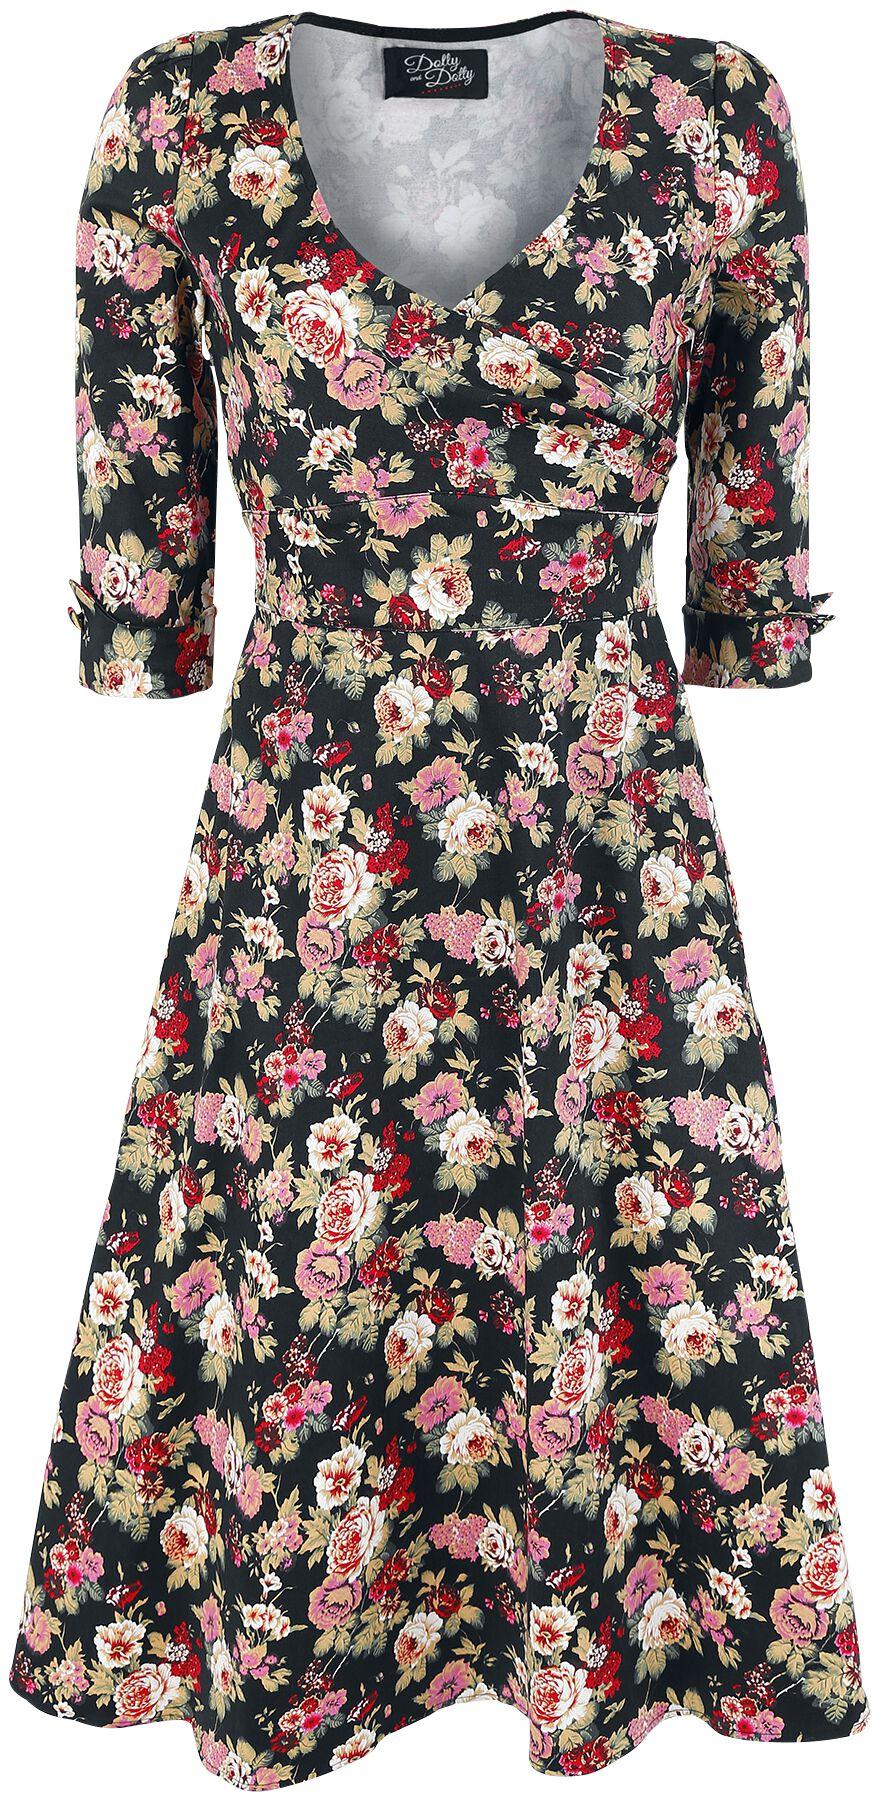 Marki - Sukienki - Sukienka Dolly and Dotty Glam Rose Dress Sukienka wielokolorowy - 344426